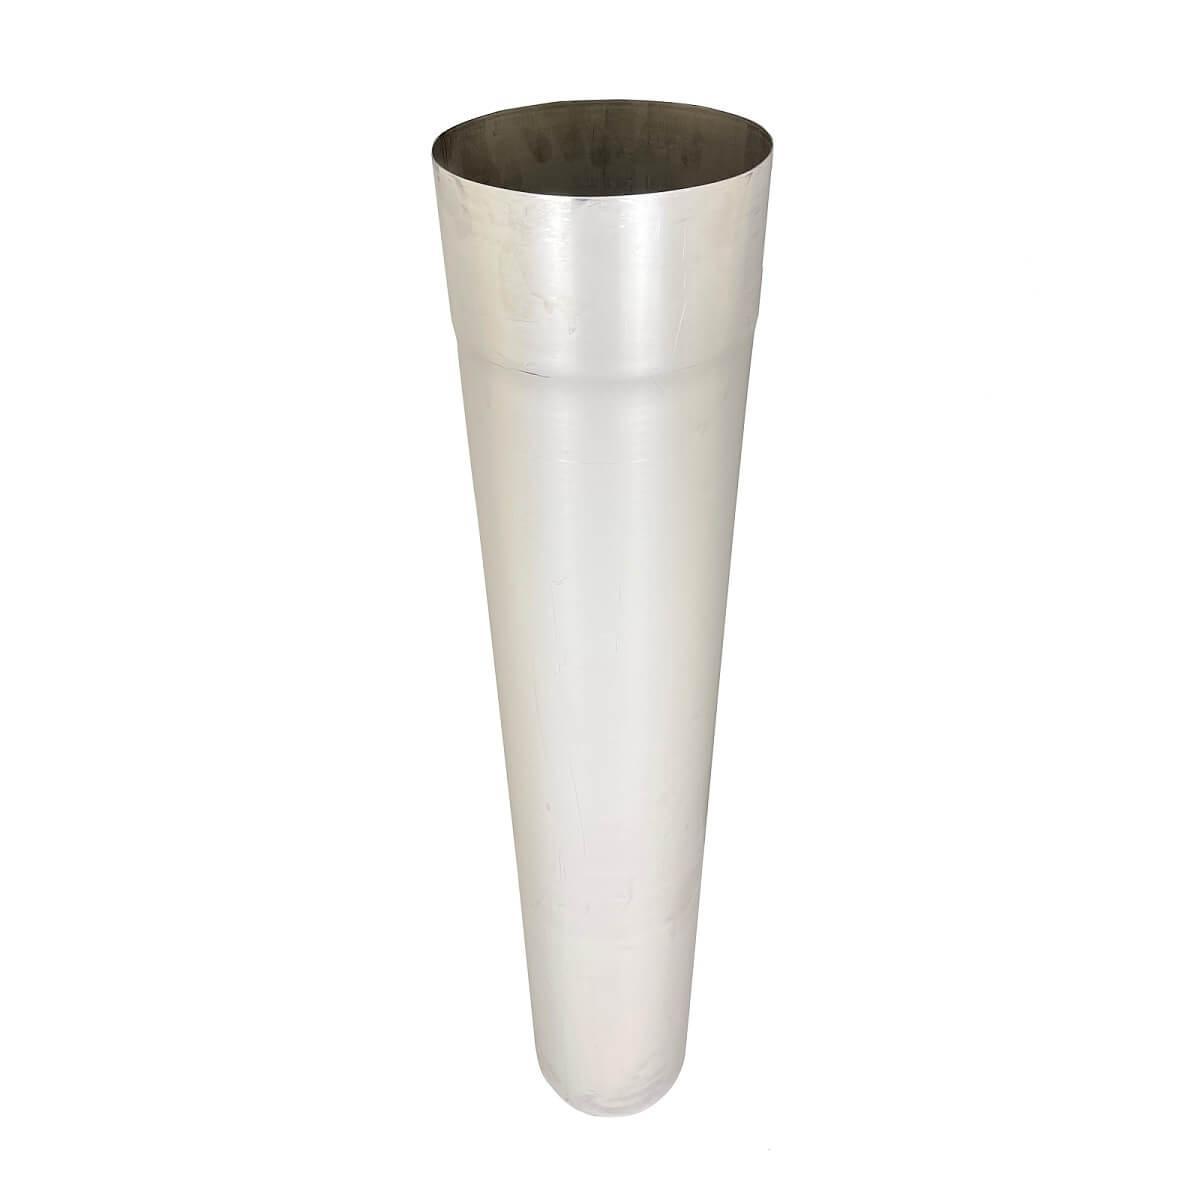 Труба для дымохода L-0,3 м D-200 мм толщина 0,6 мм